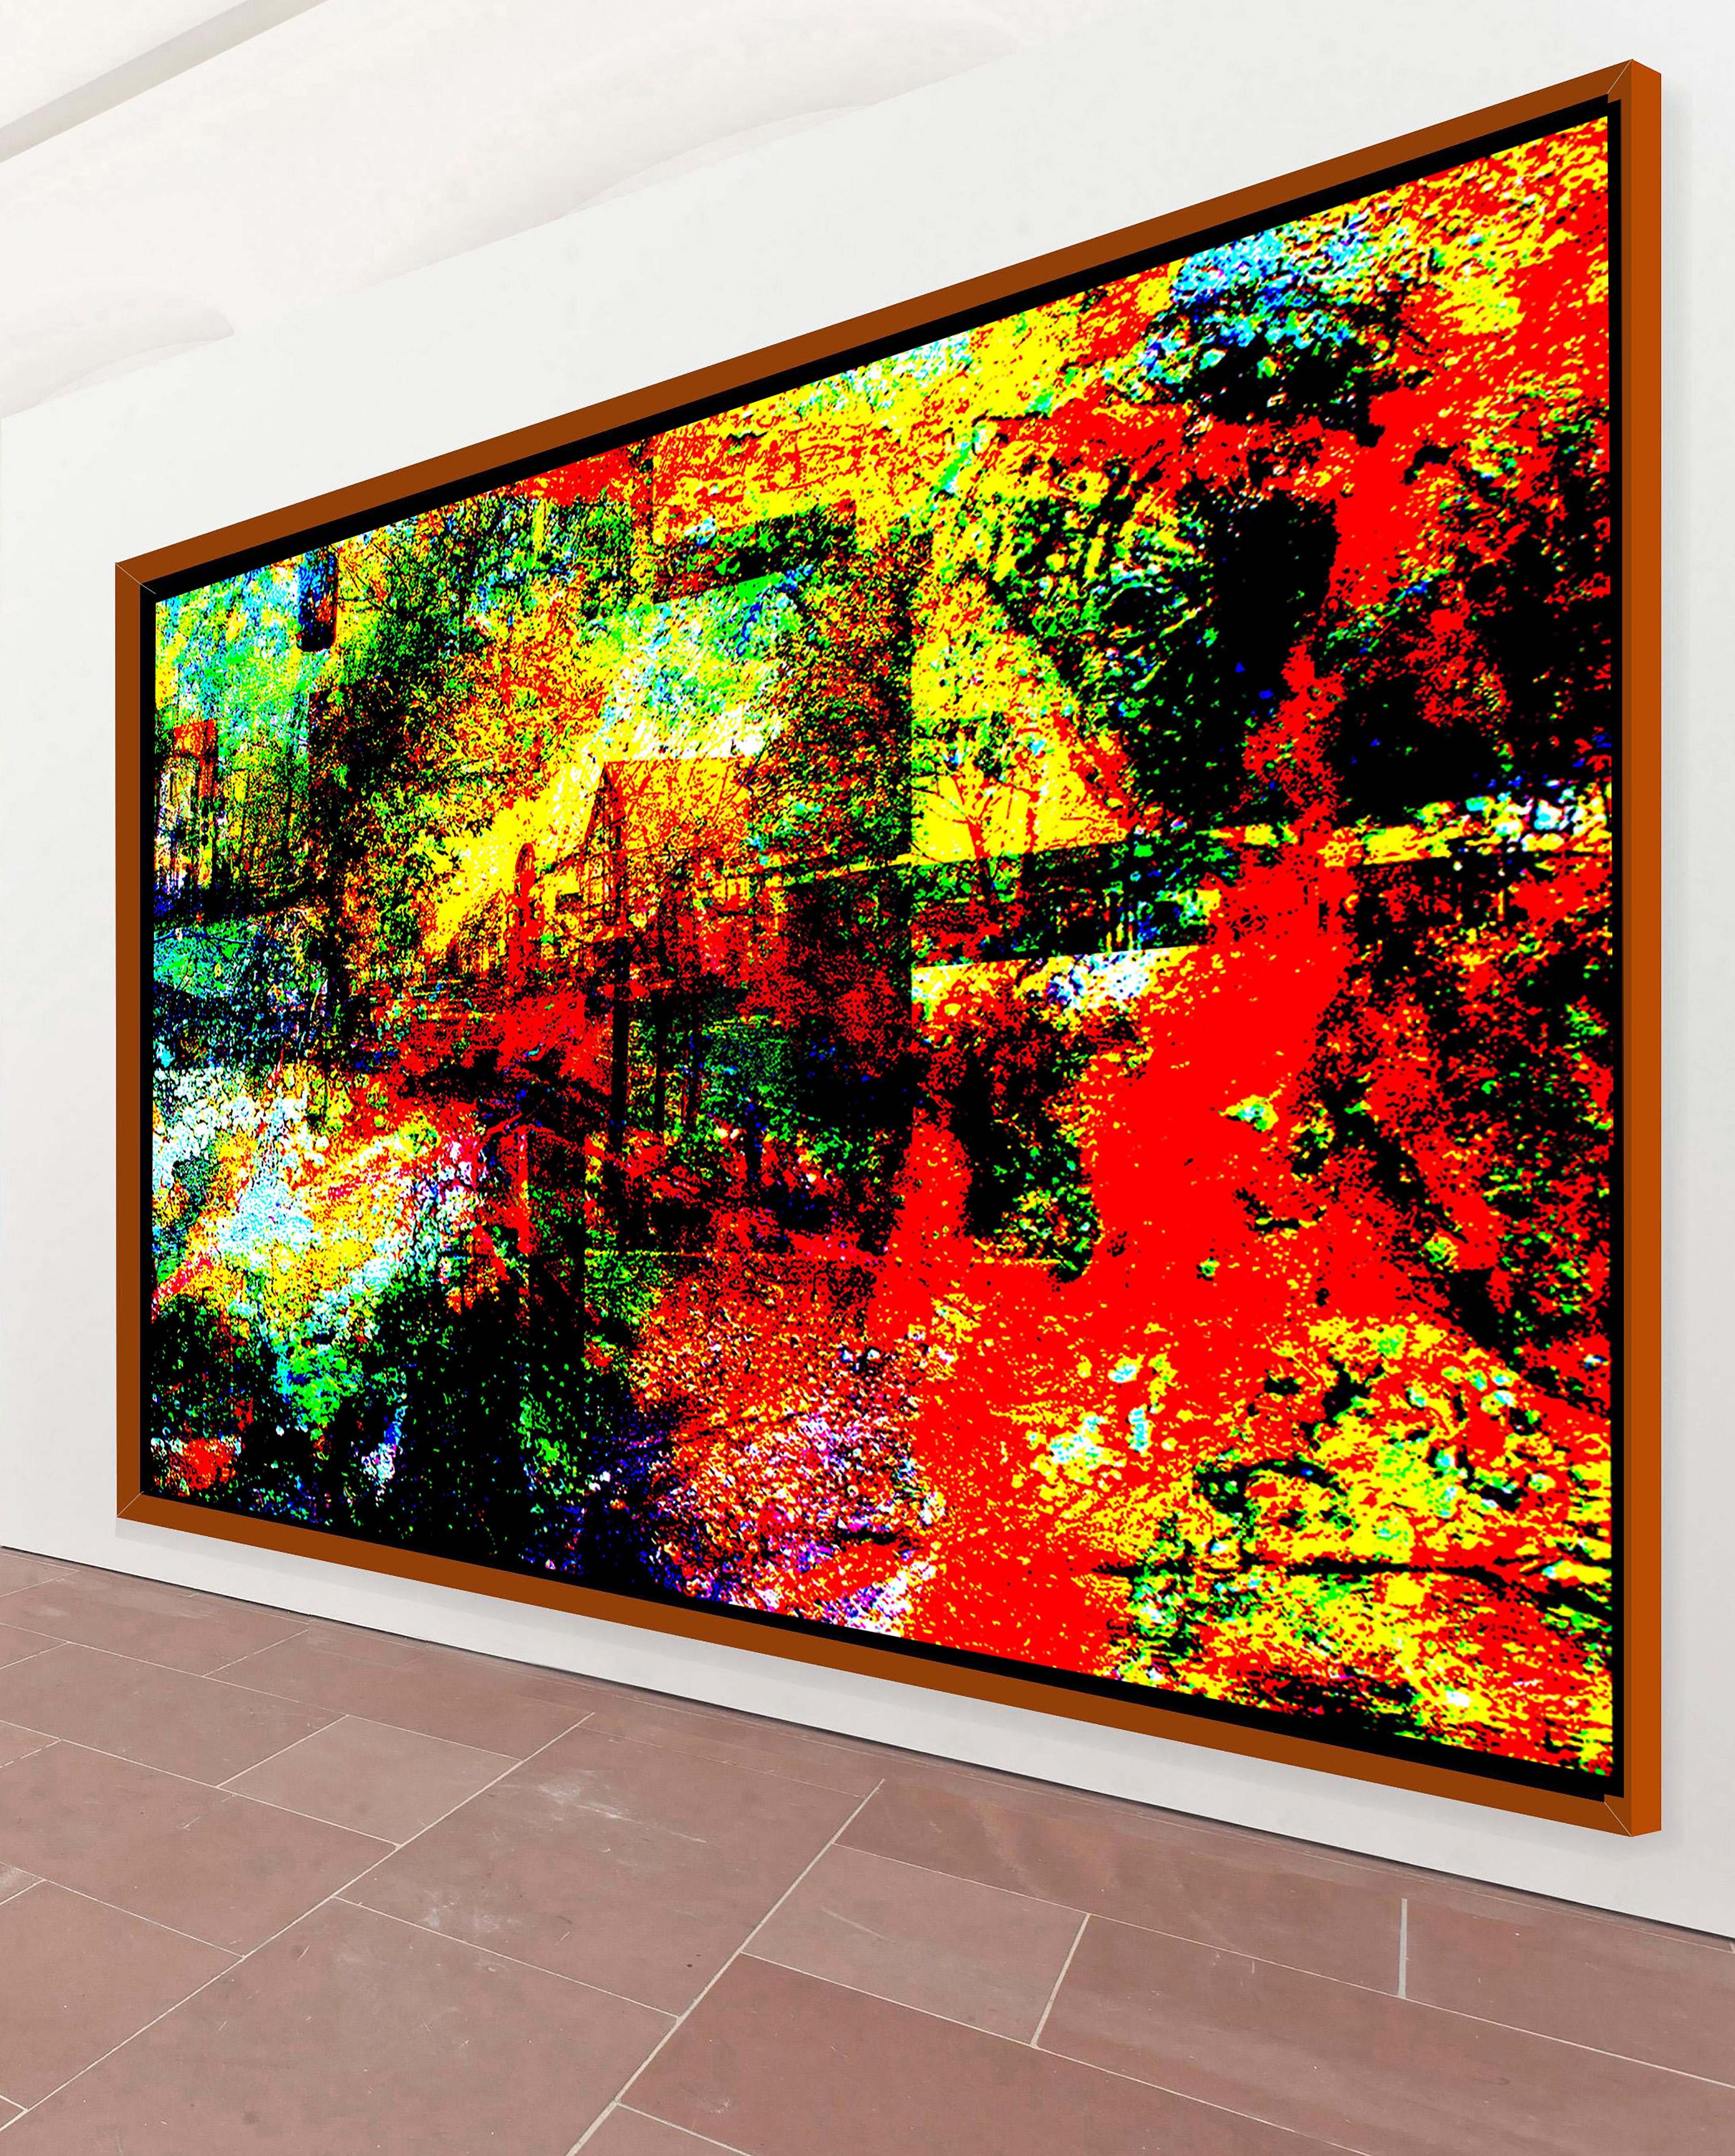 Abstrakte,moderne Kunst Der Malerei / Fotografie /Natur / Architektur /  Menschen / Lee Eggstein | Lee Eggstein Firmenportraitierung U.